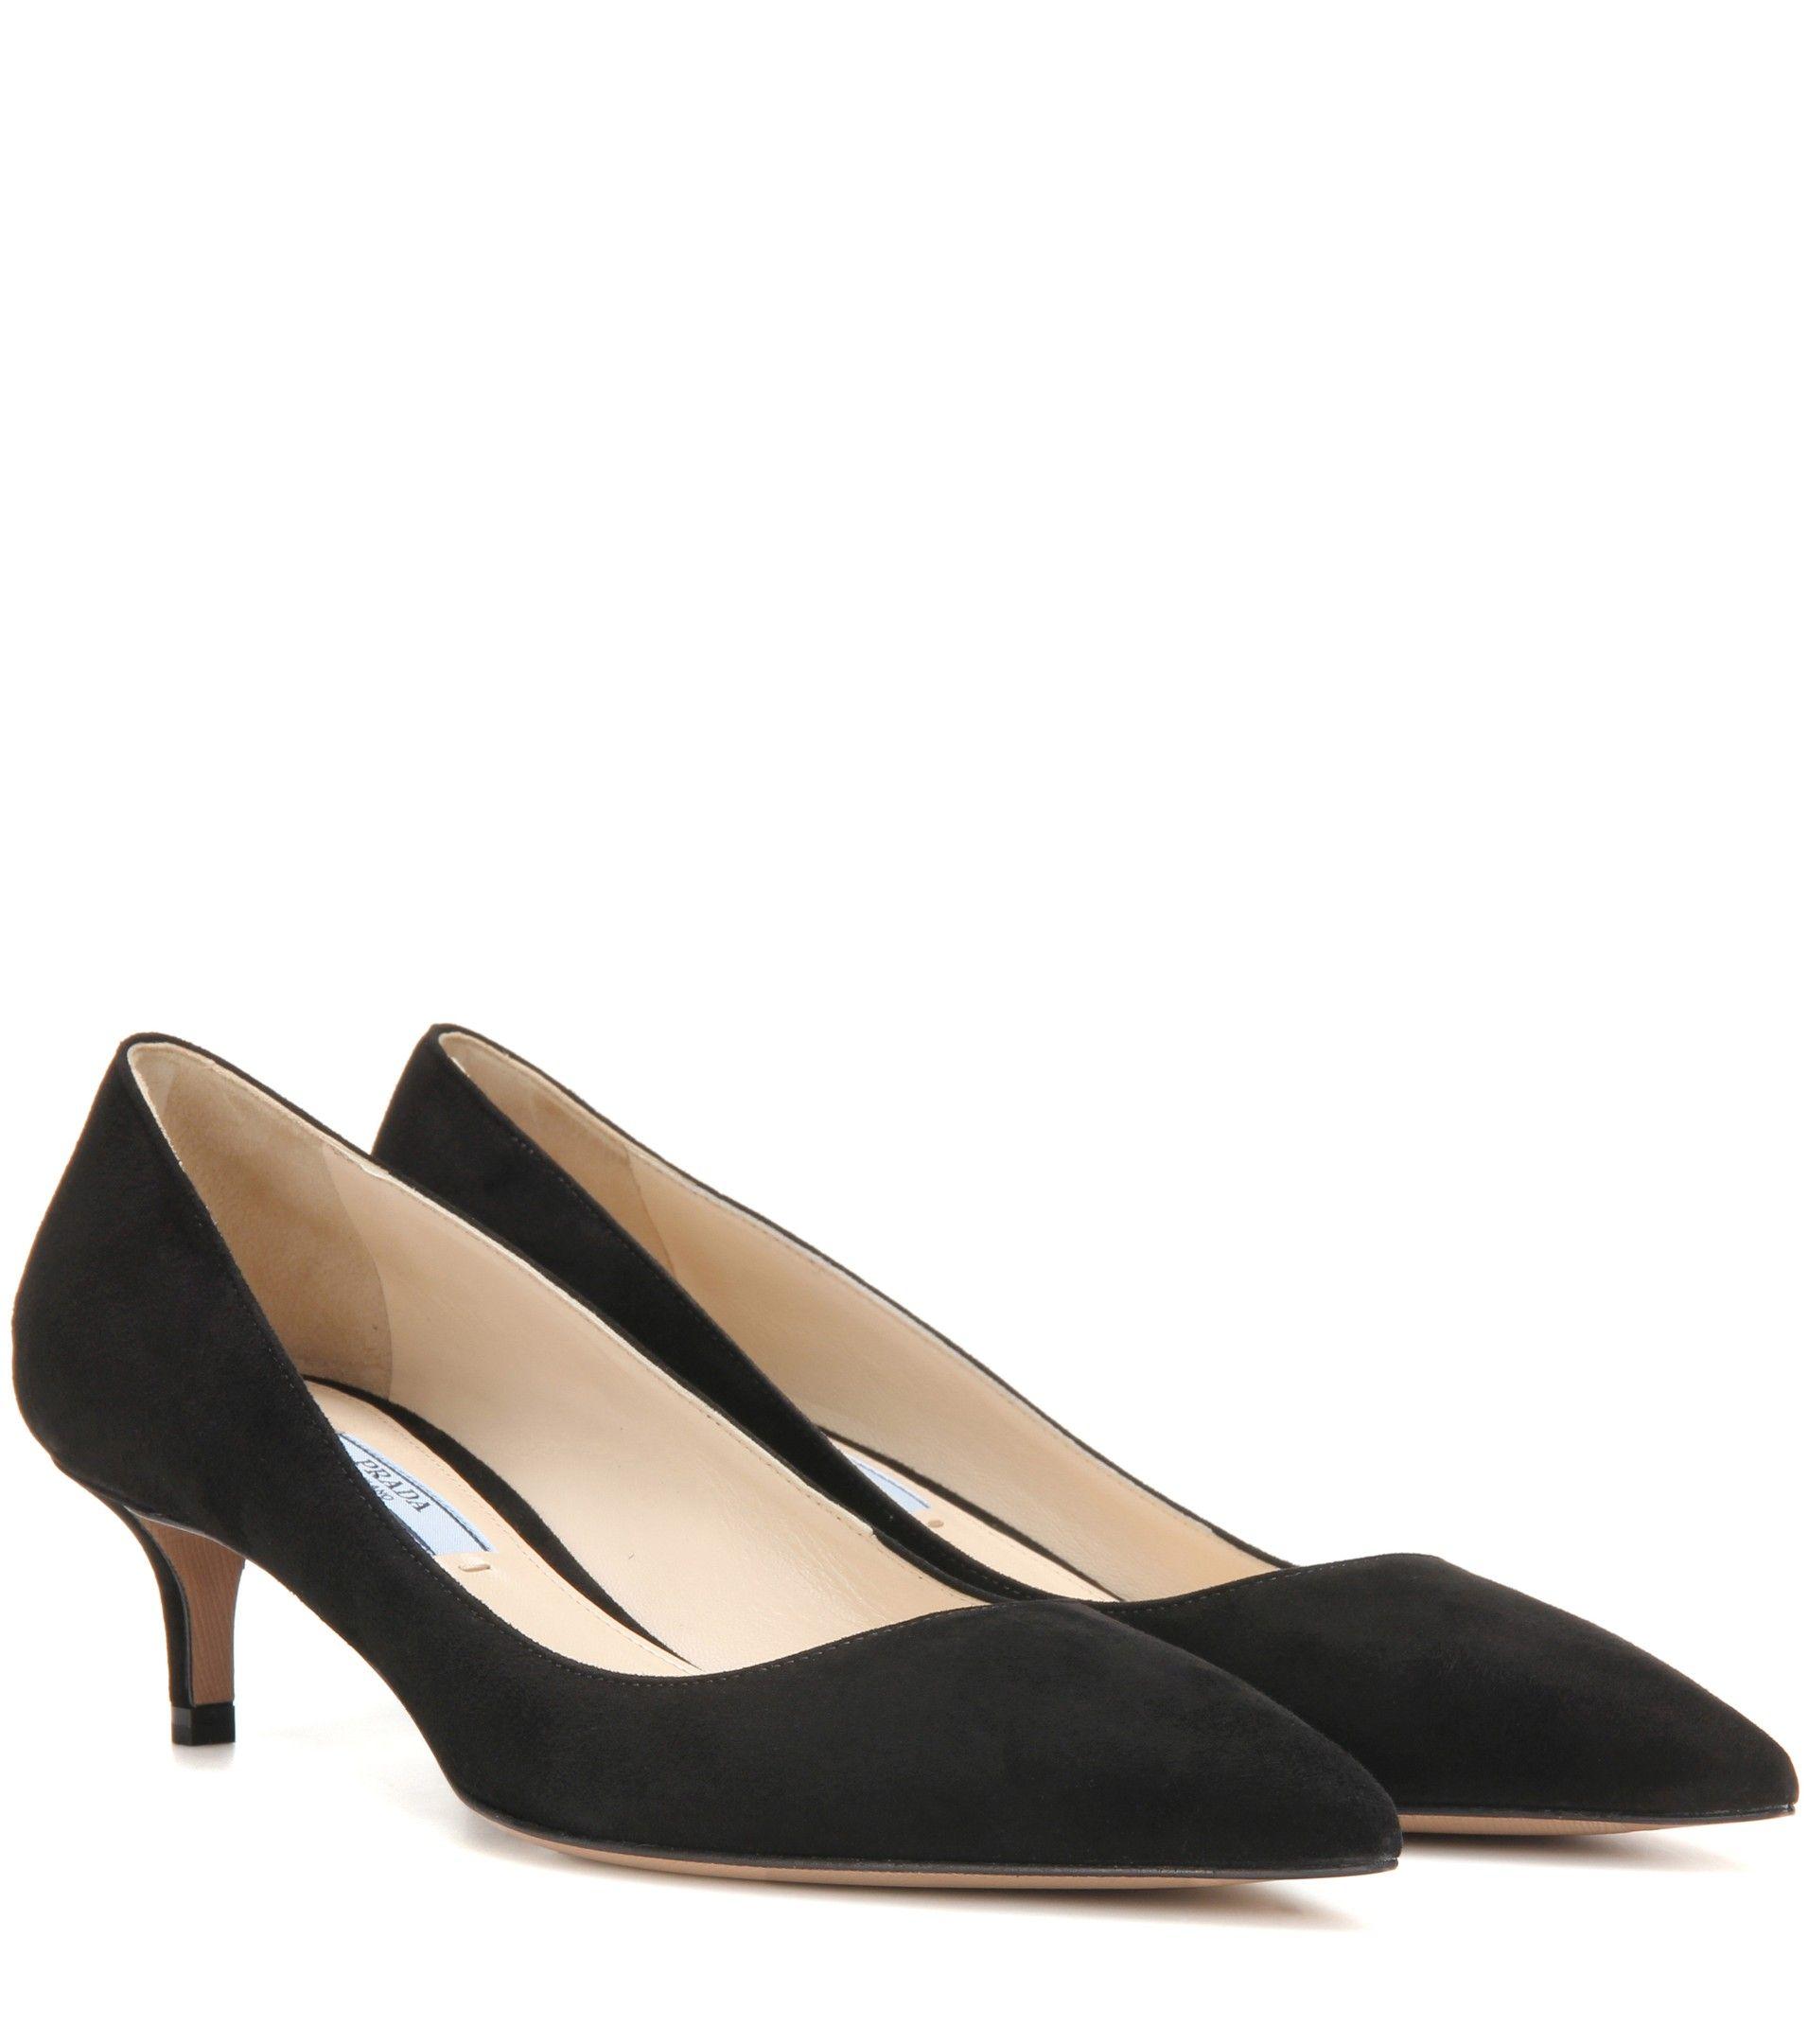 Prada Suede Kitten Heel Pumps Black Kitten Heel Pumps Black Suede Shoes Black Pumps Heels